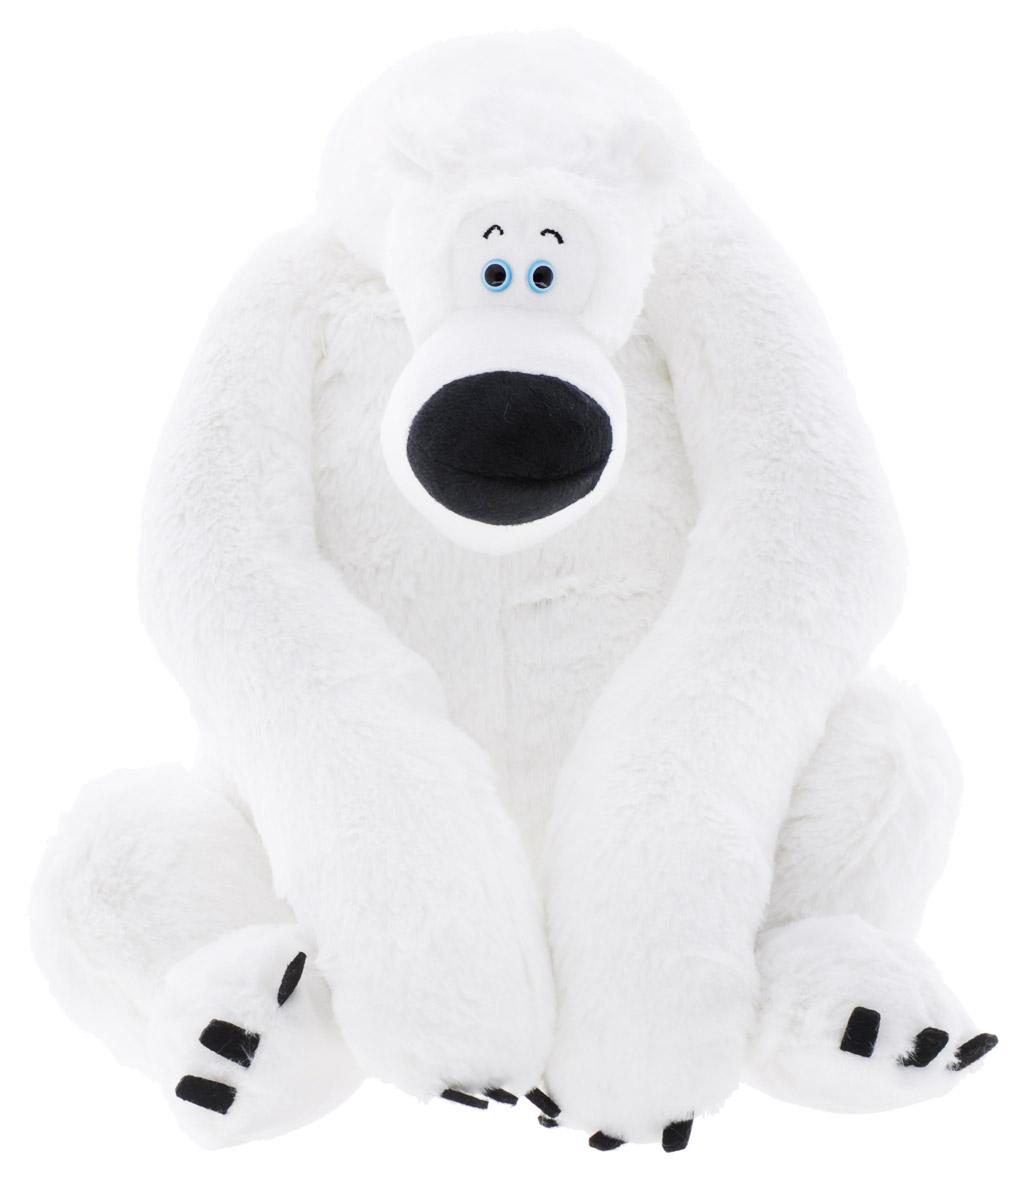 СмолТойс Мягкая игрушка Медведь Боня 35 см2103/БЕЛ/35Мягкая игрушка СмолТойс Медведь Боня не оставит вас равнодушным и вызовет улыбку у каждого, кто ее увидит. Игрушка изготовлена из высококачественных материалов в виде забавного медведя белого цвета. Глазки выполнены из пластика. Специальные гранулы, используемые при ее набивке, способствуют развитию мелкой моторики рук малыша. Симпатичная игрушка, которая неизменно будет радовать вашего ребенка, а также способствовать полноценному и гармоничному развитию его личности.